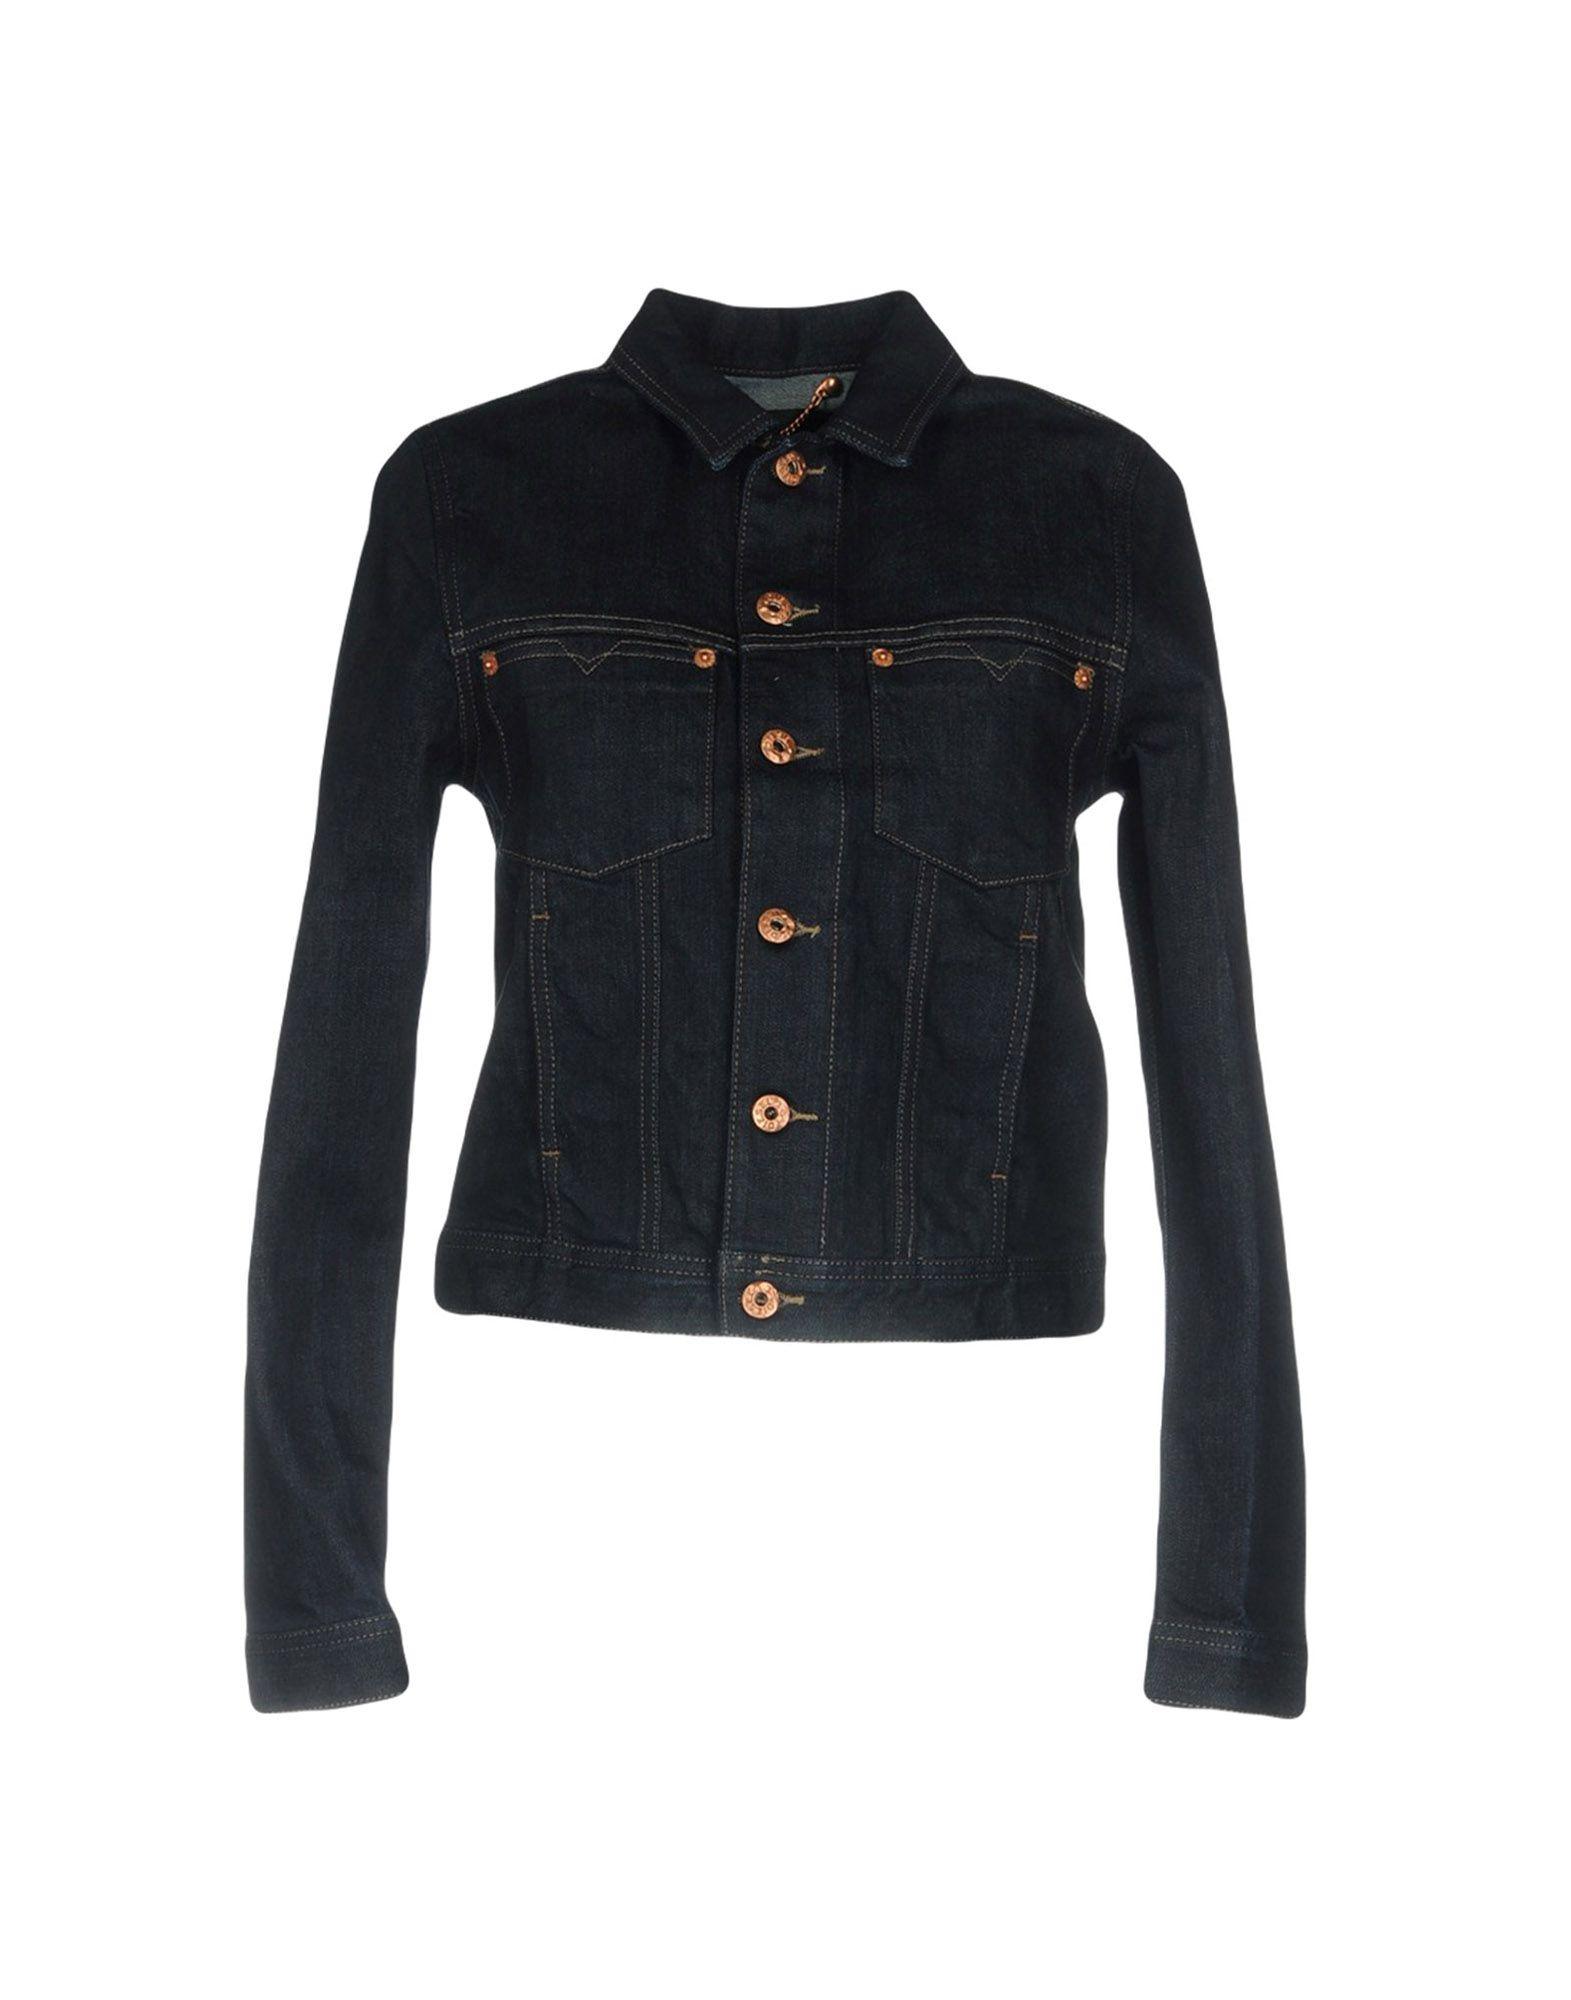 DIESEL Джинсовая верхняя одежда colmar джинсовая верхняя одежда